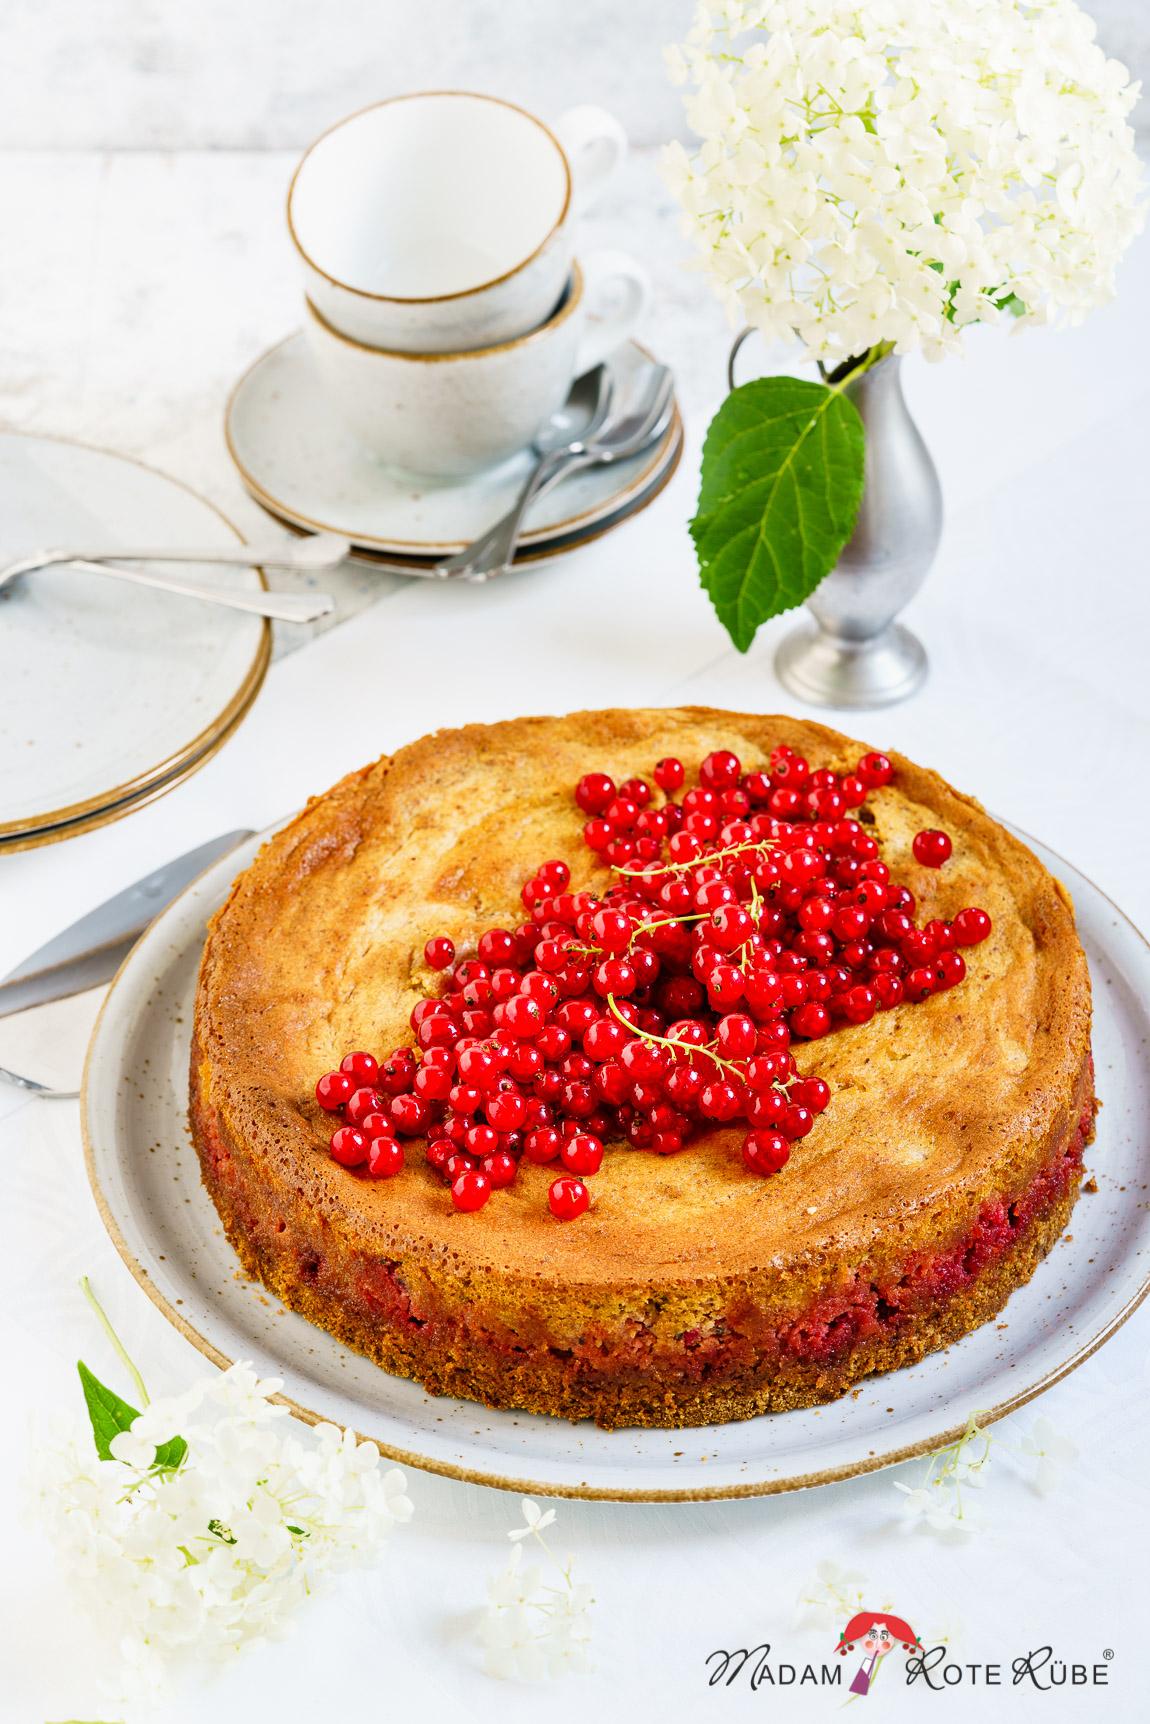 Madam Rote Rübe - Honigsüßer Johannisbeerkuchen mit Dinkelvollkorn und Nussbaiser